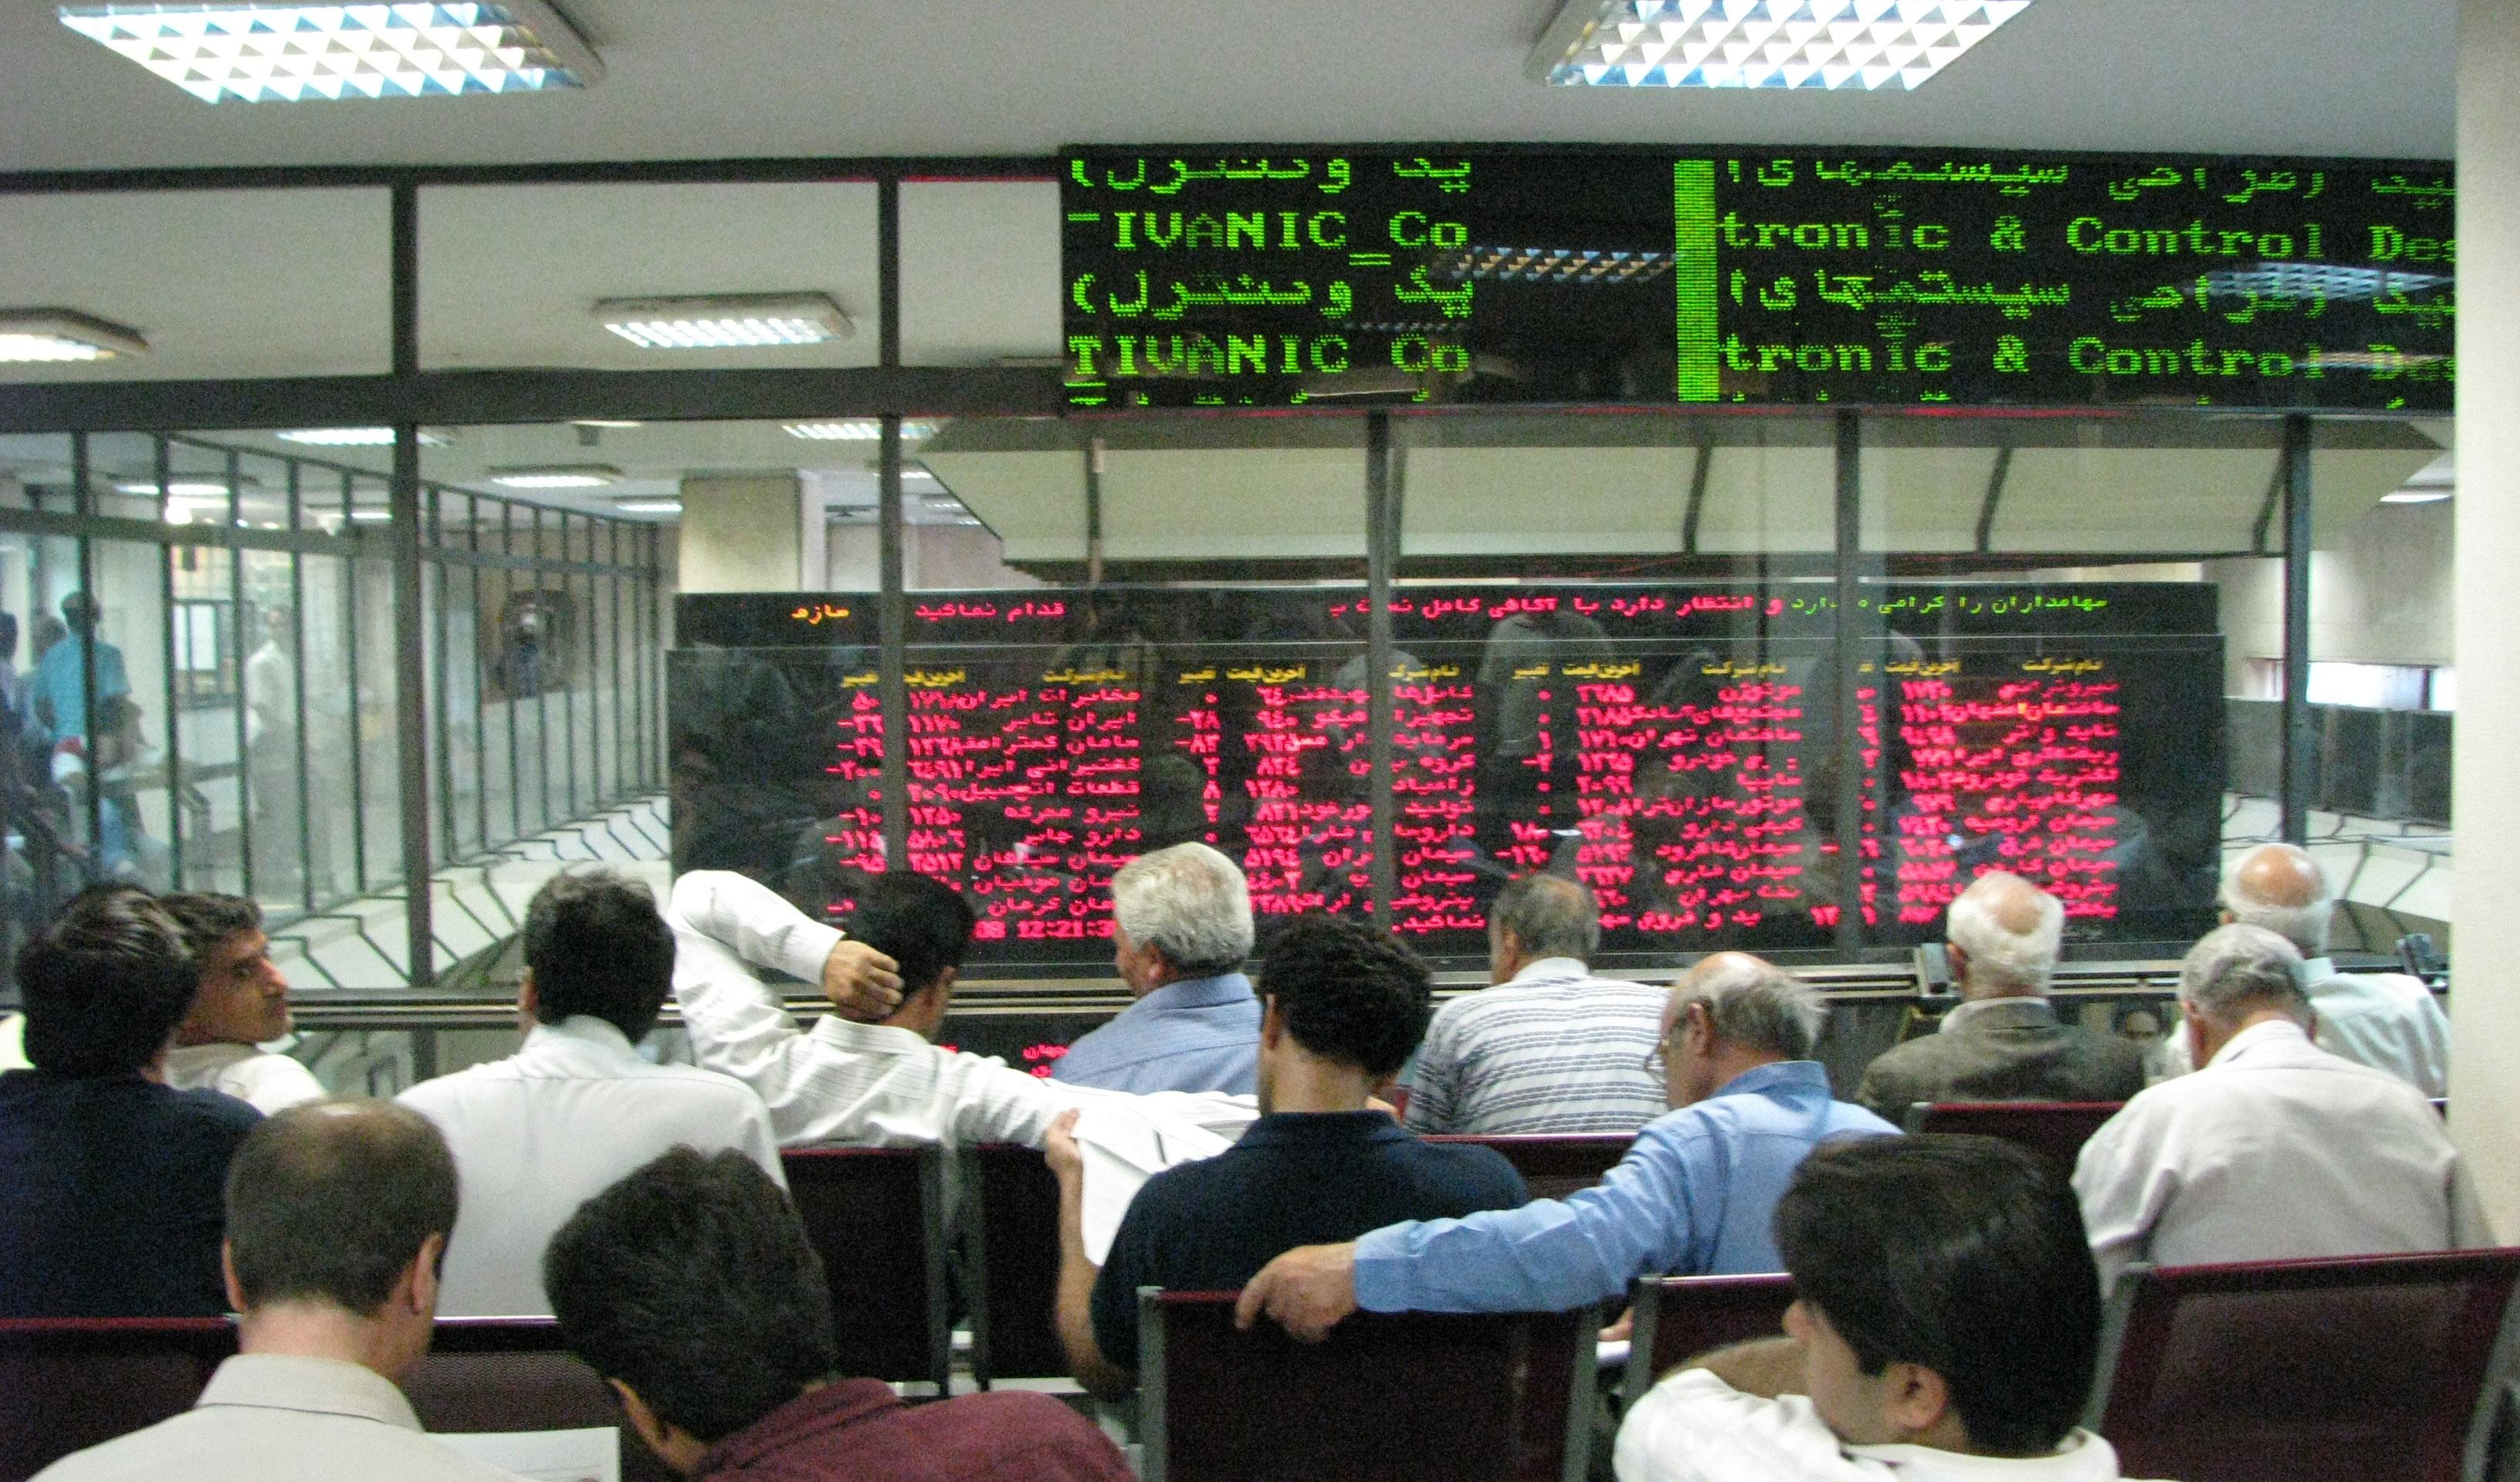 قیمت دستوری در بورس کالا به ضرر میلیونها سهامدار و تولید است